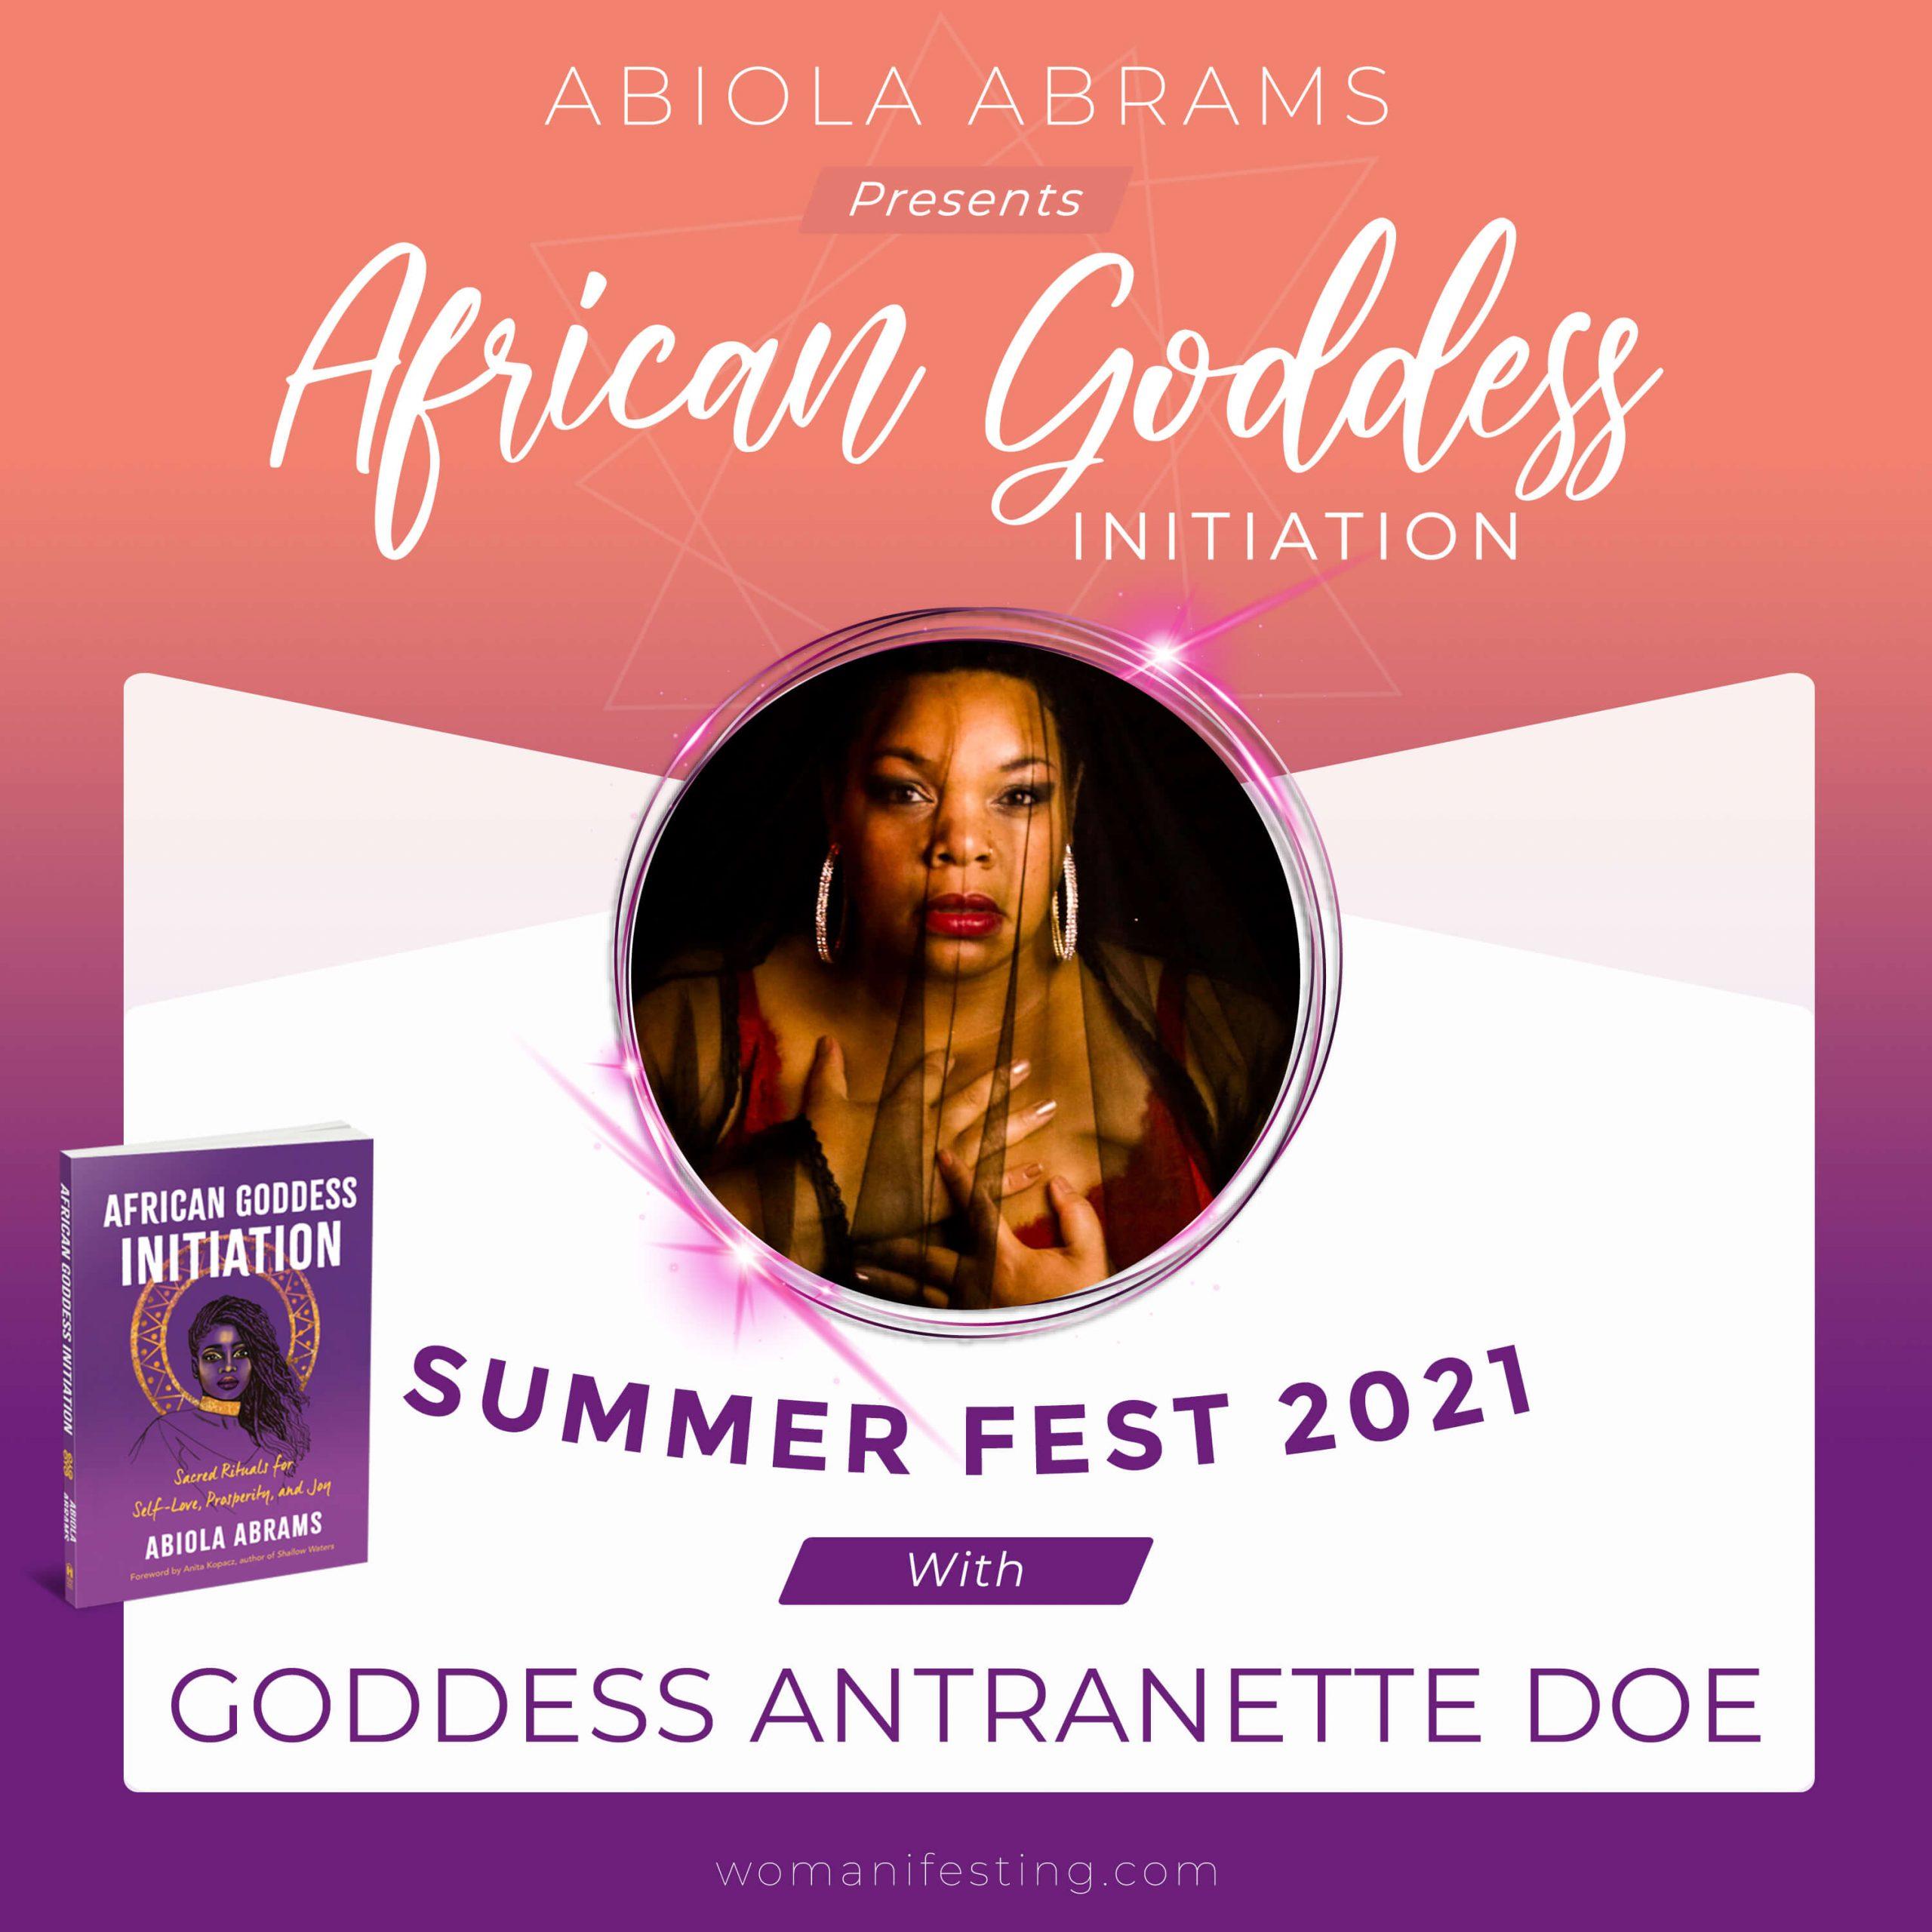 Goddess Antranette Doe: African Goddess Initiation Fest Guru